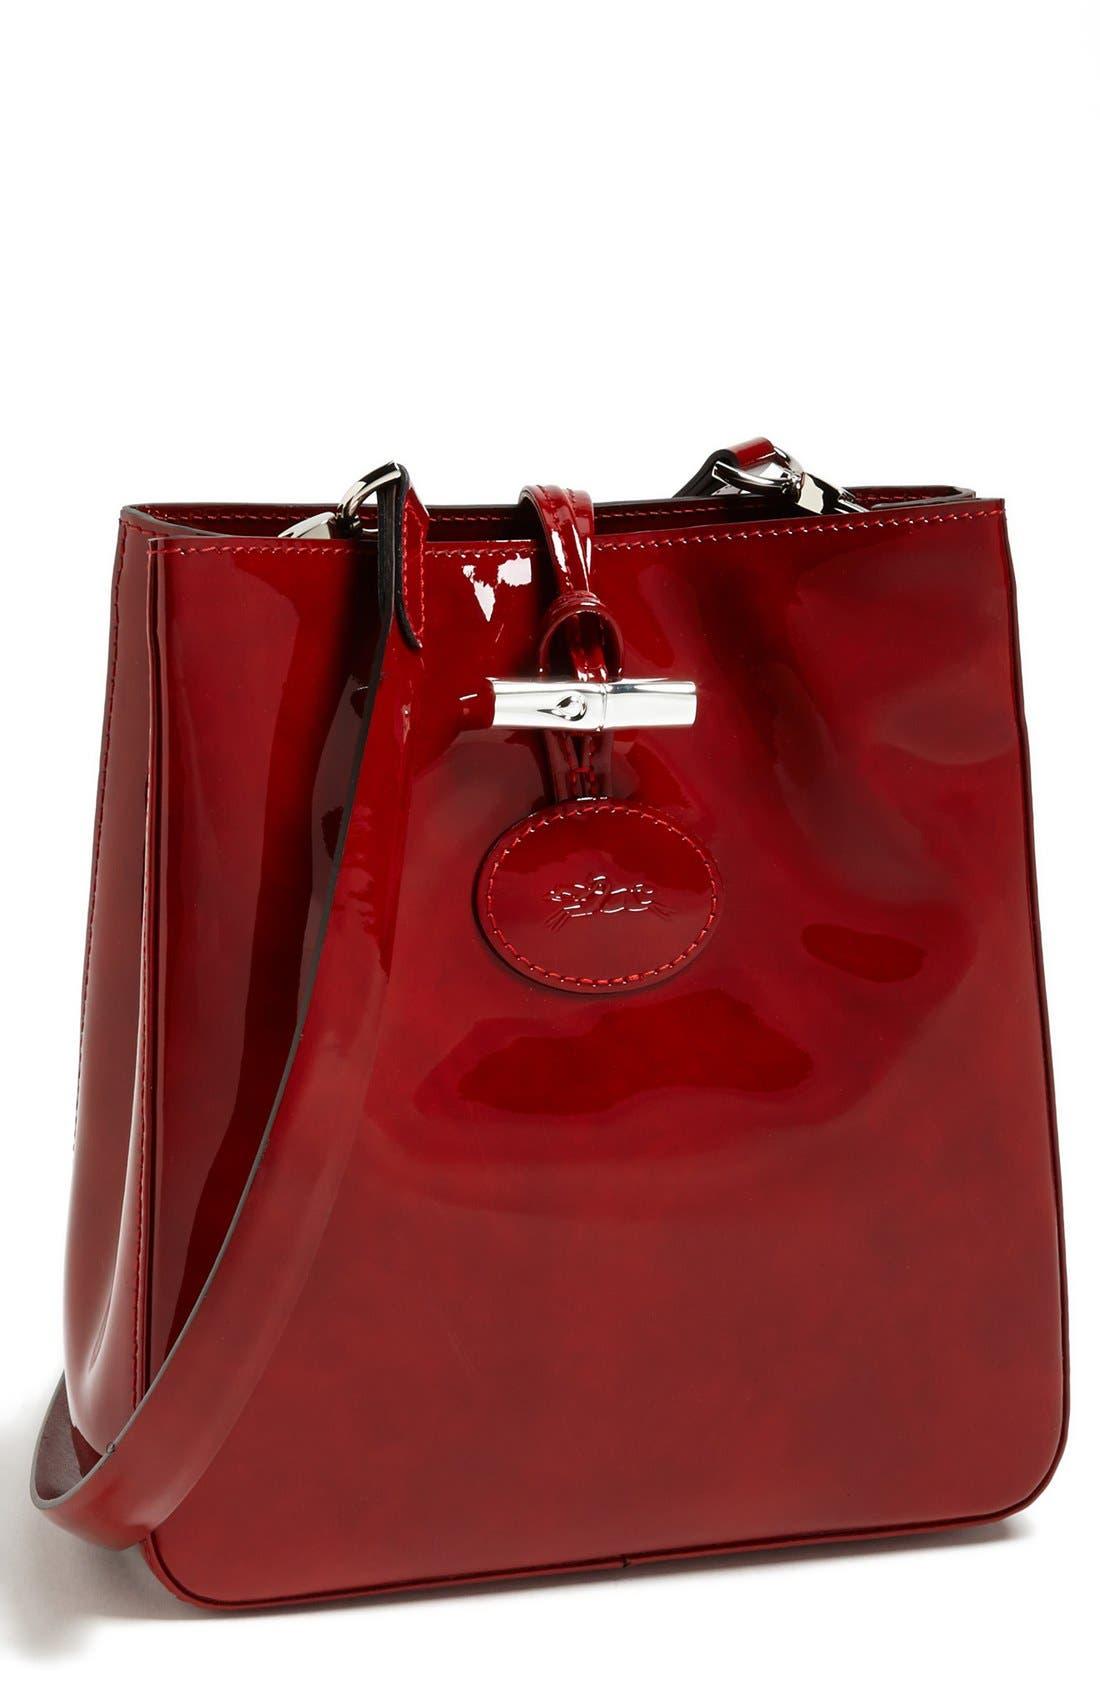 Main Image - Longchamp 'Roseau Box' Crossbody Bag